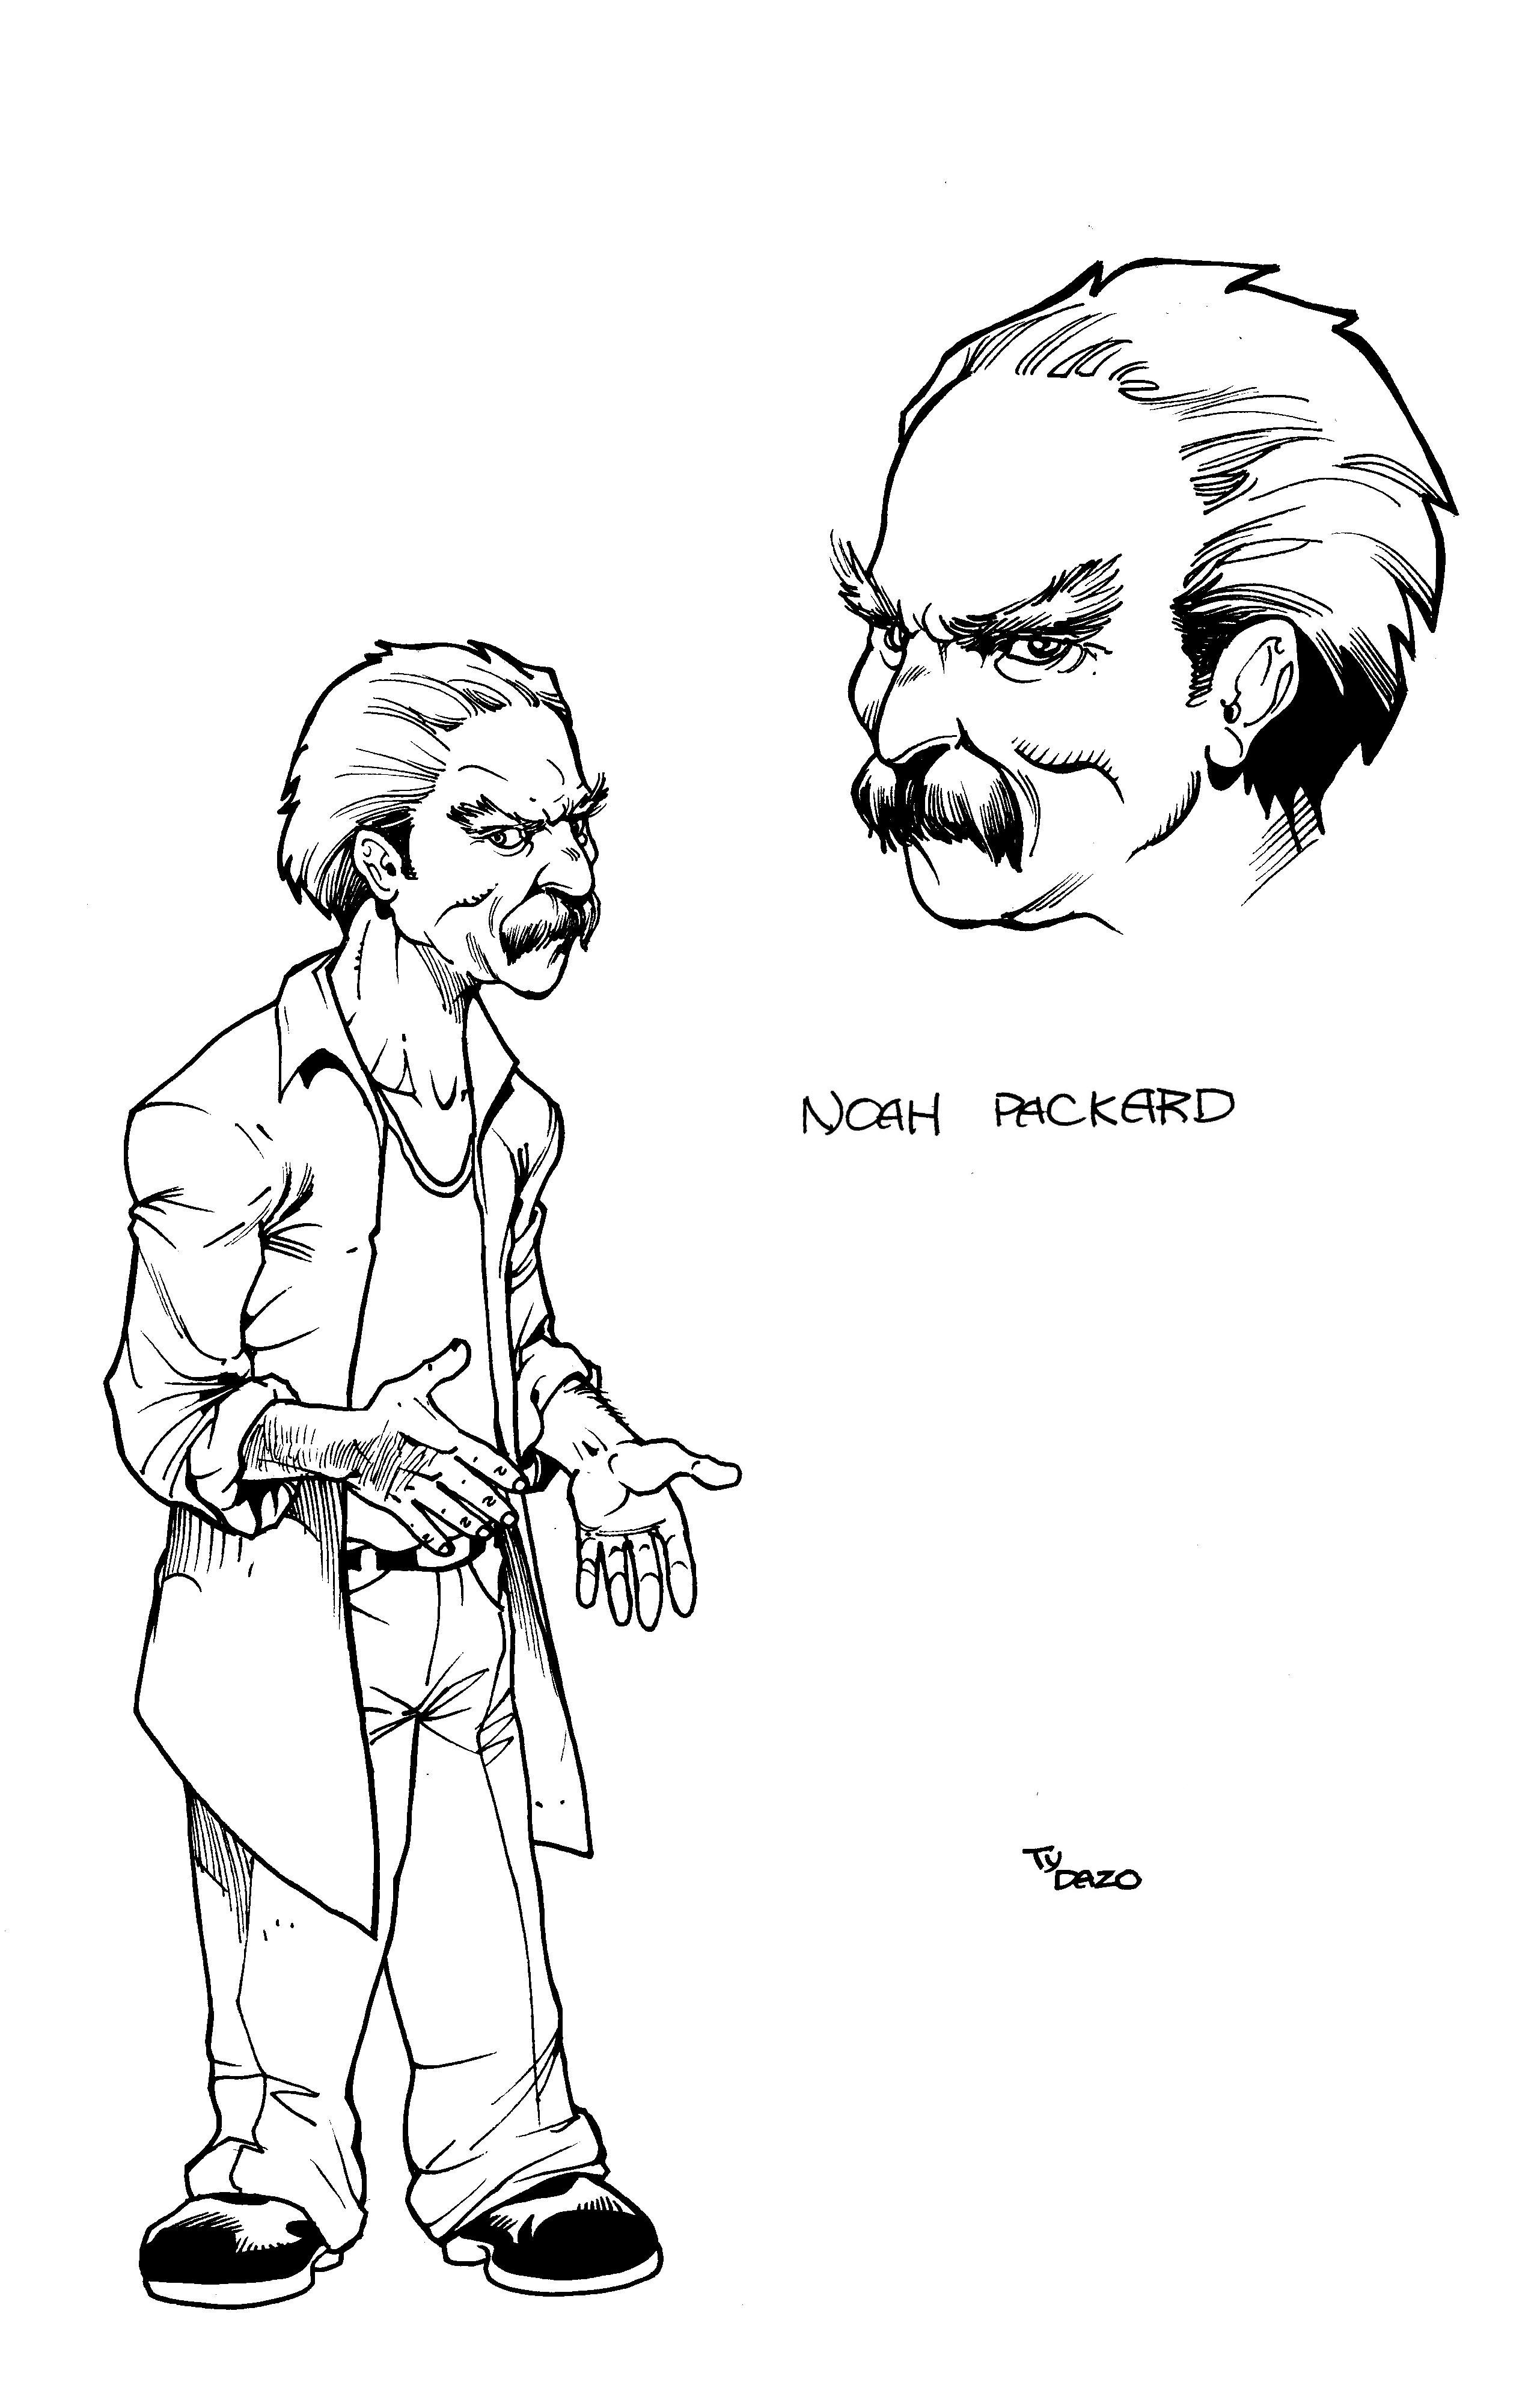 Noah Packard